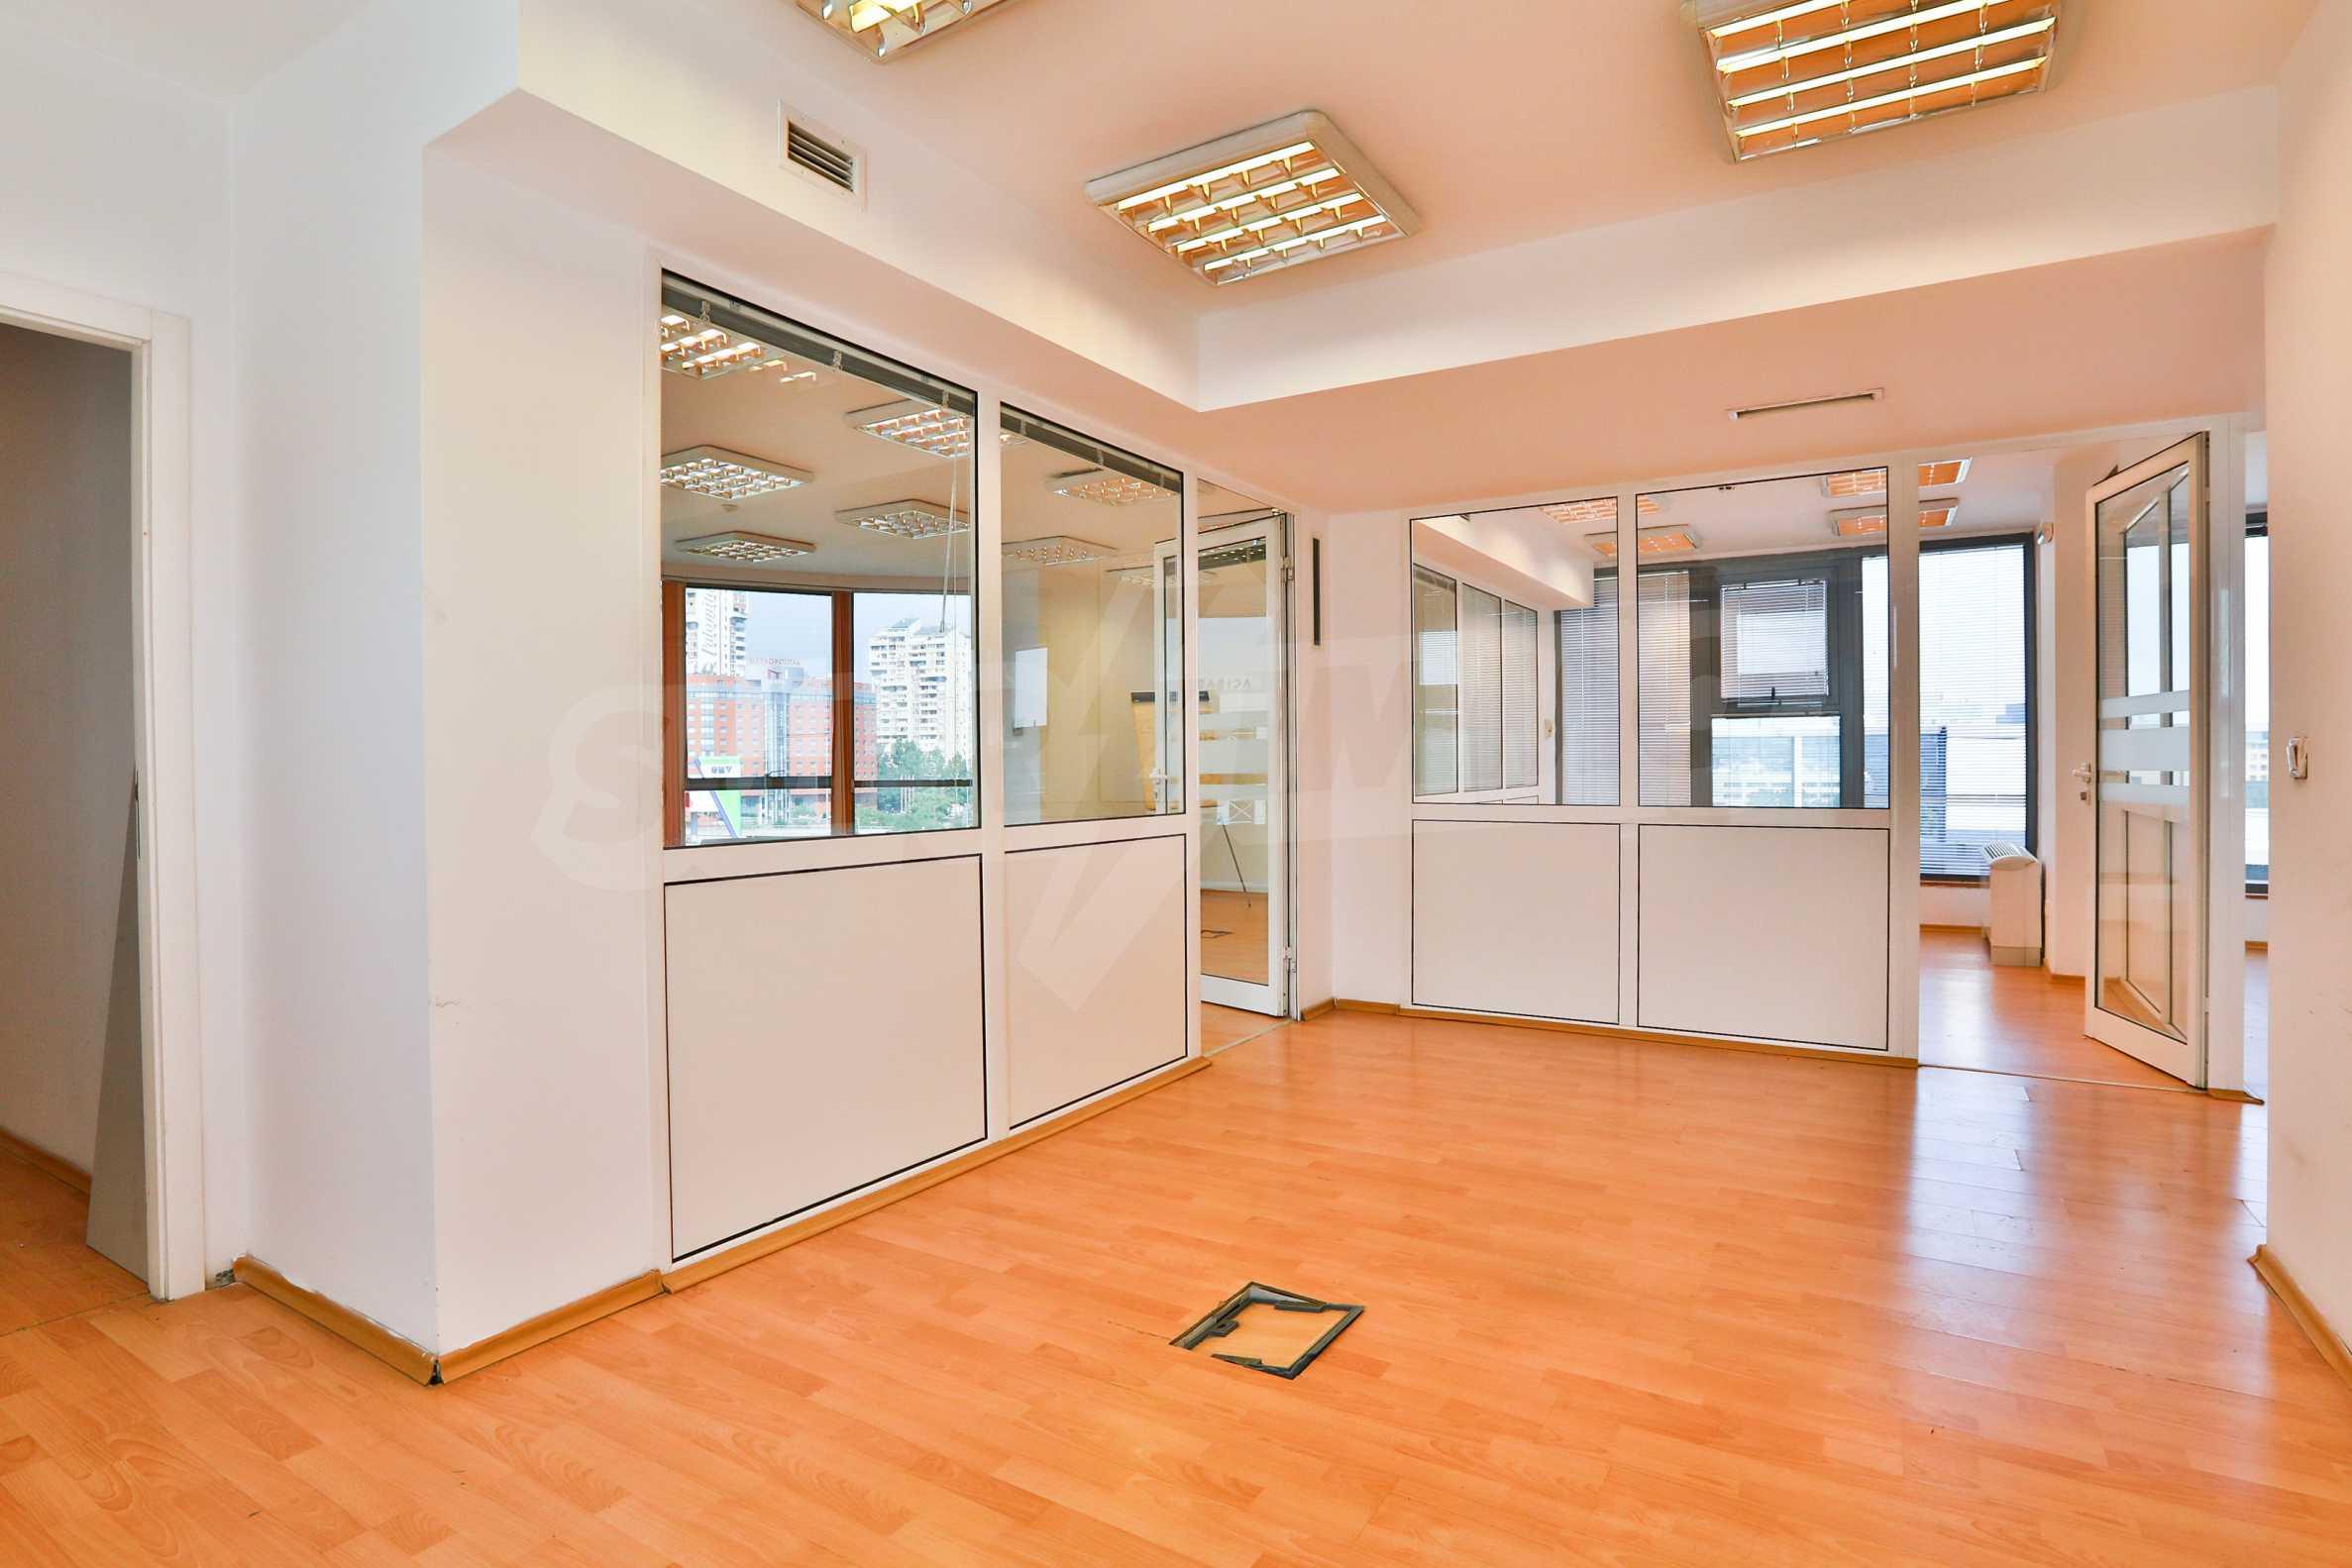 Площи тип open space в офис зоната на бул. Цариградско шосе 11